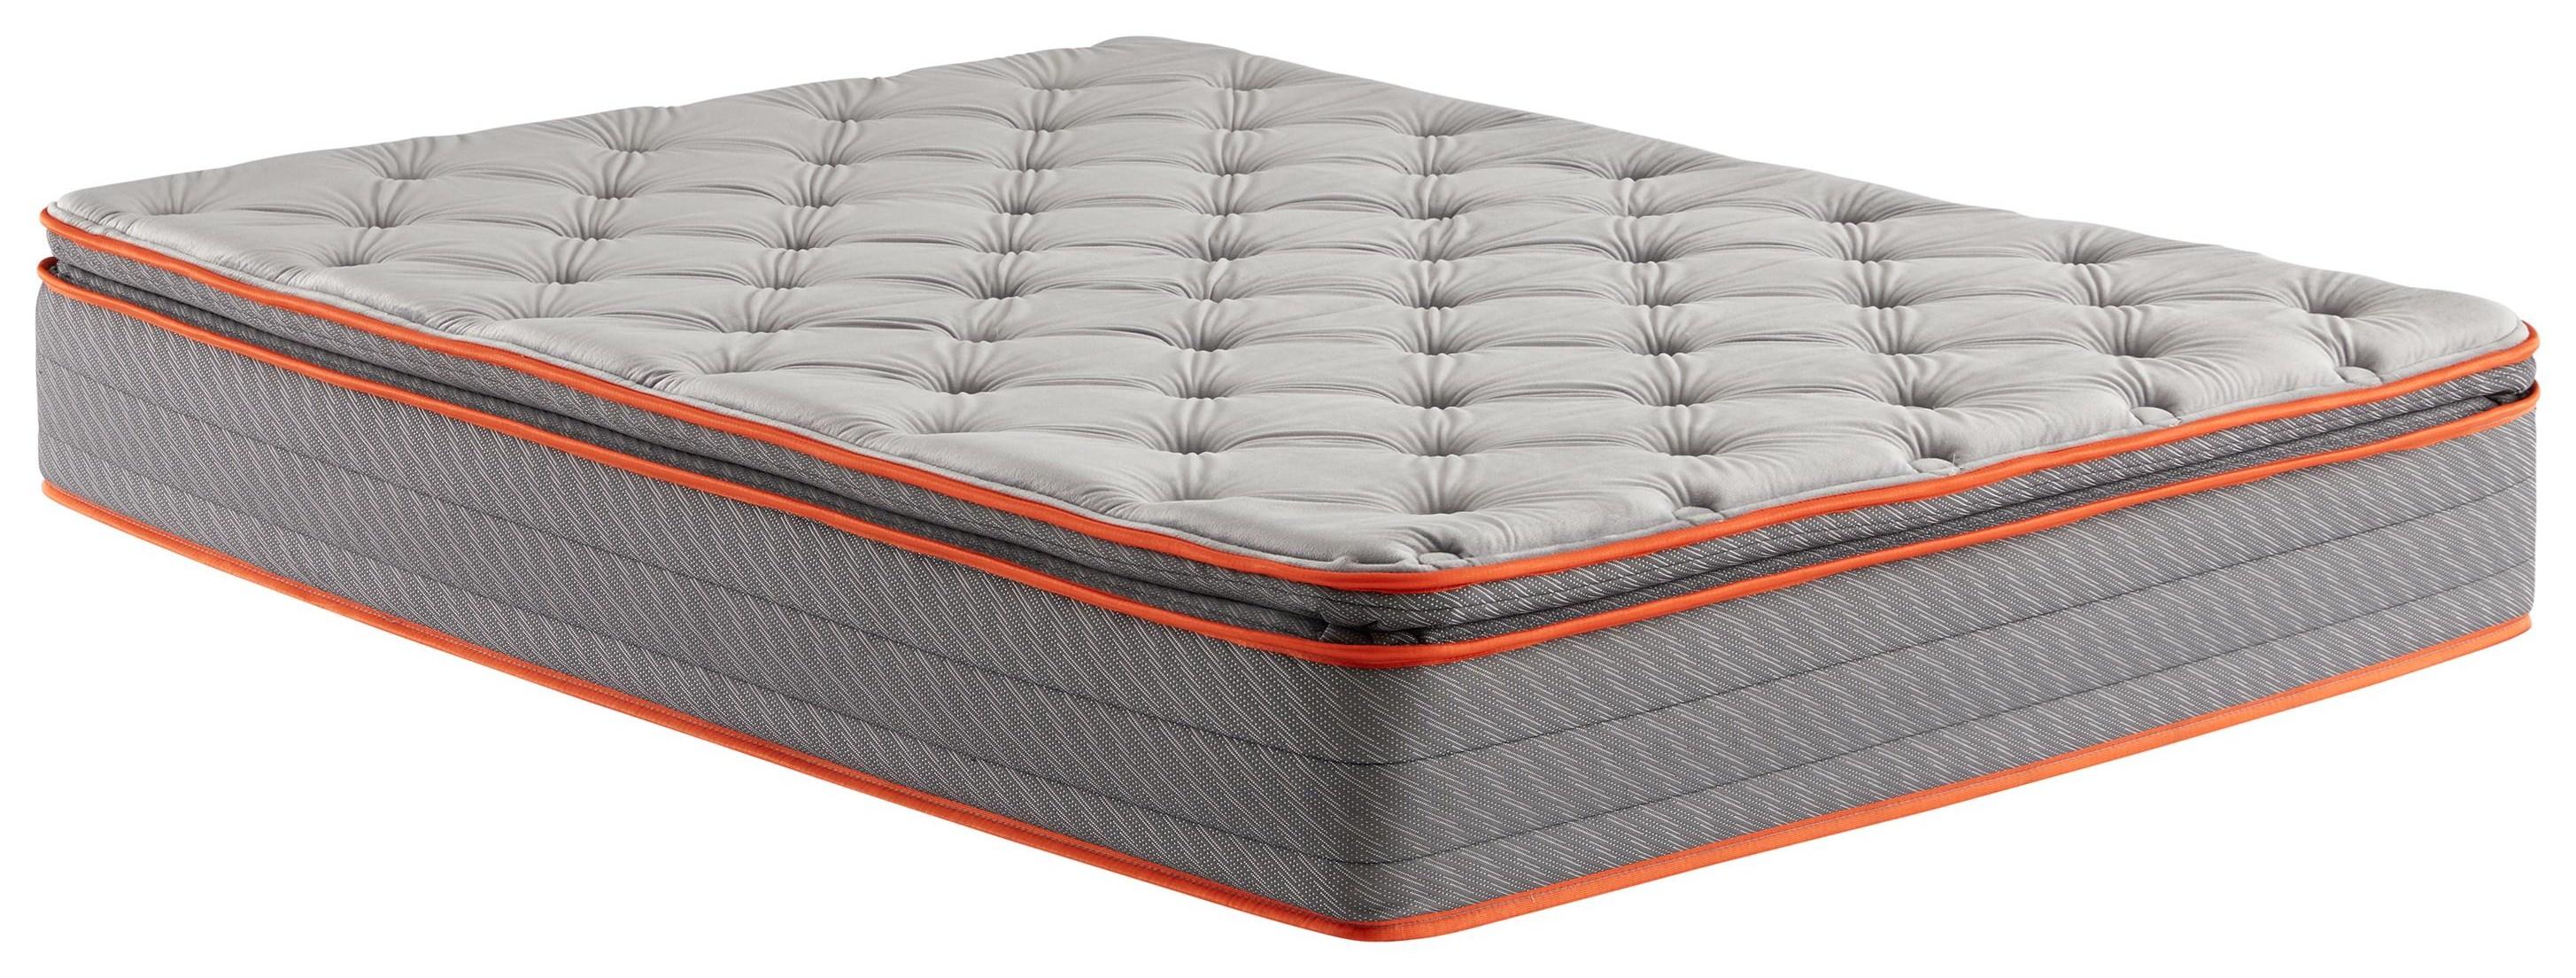 land park king medium firm pillow top mattress